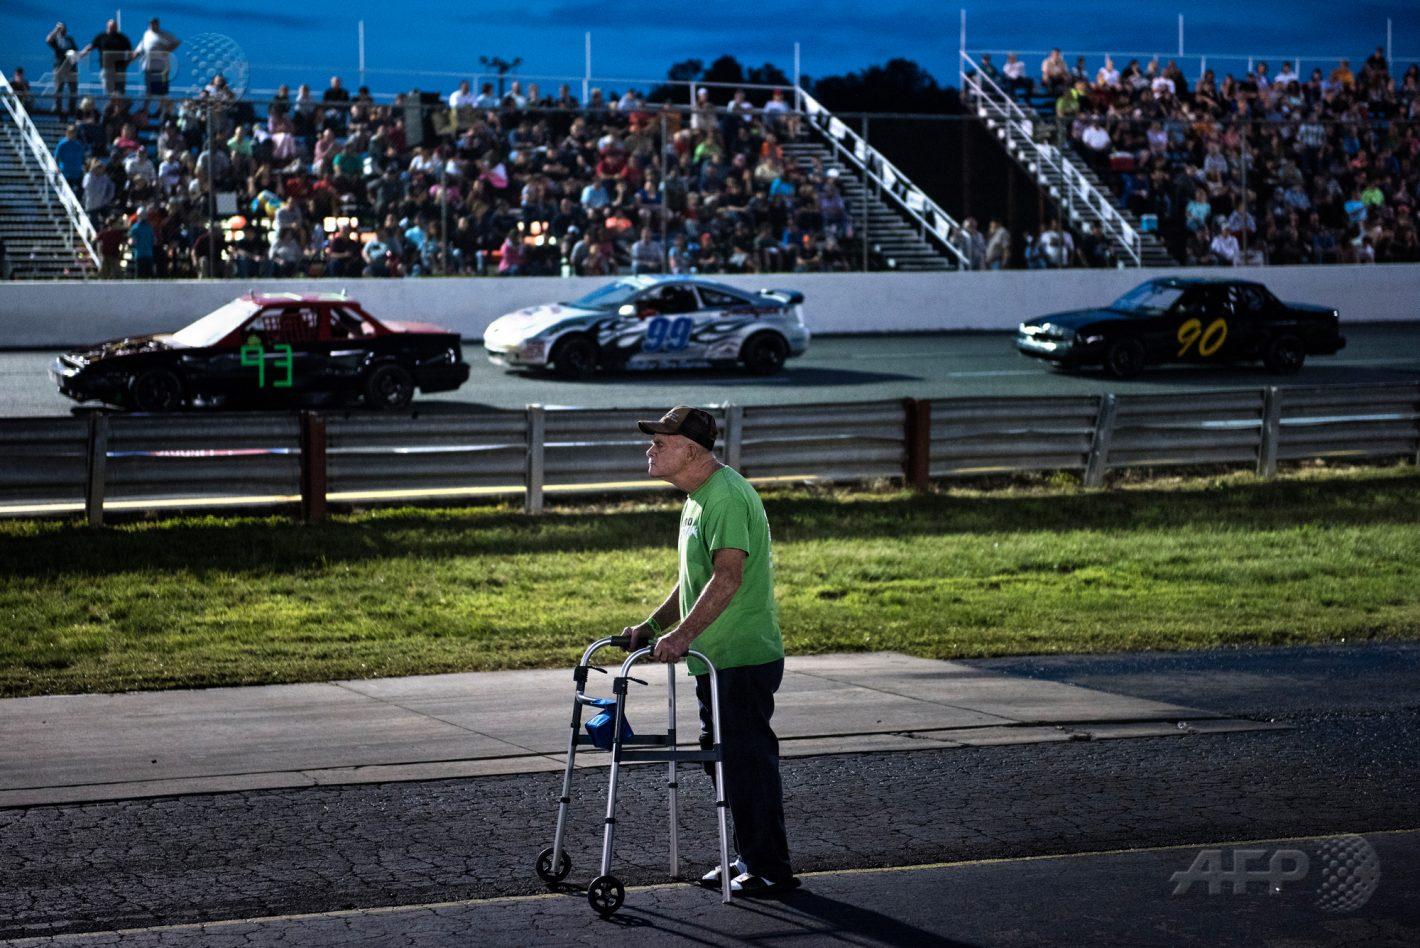 19 mai 2017 – Altamahaw, Caroline du Nord - Un homme assiste à une course sur le circuit d'Ace Speedway dans le comté d'Alamance. AFP PHOTO / BRENDAN SMIALOWSKI